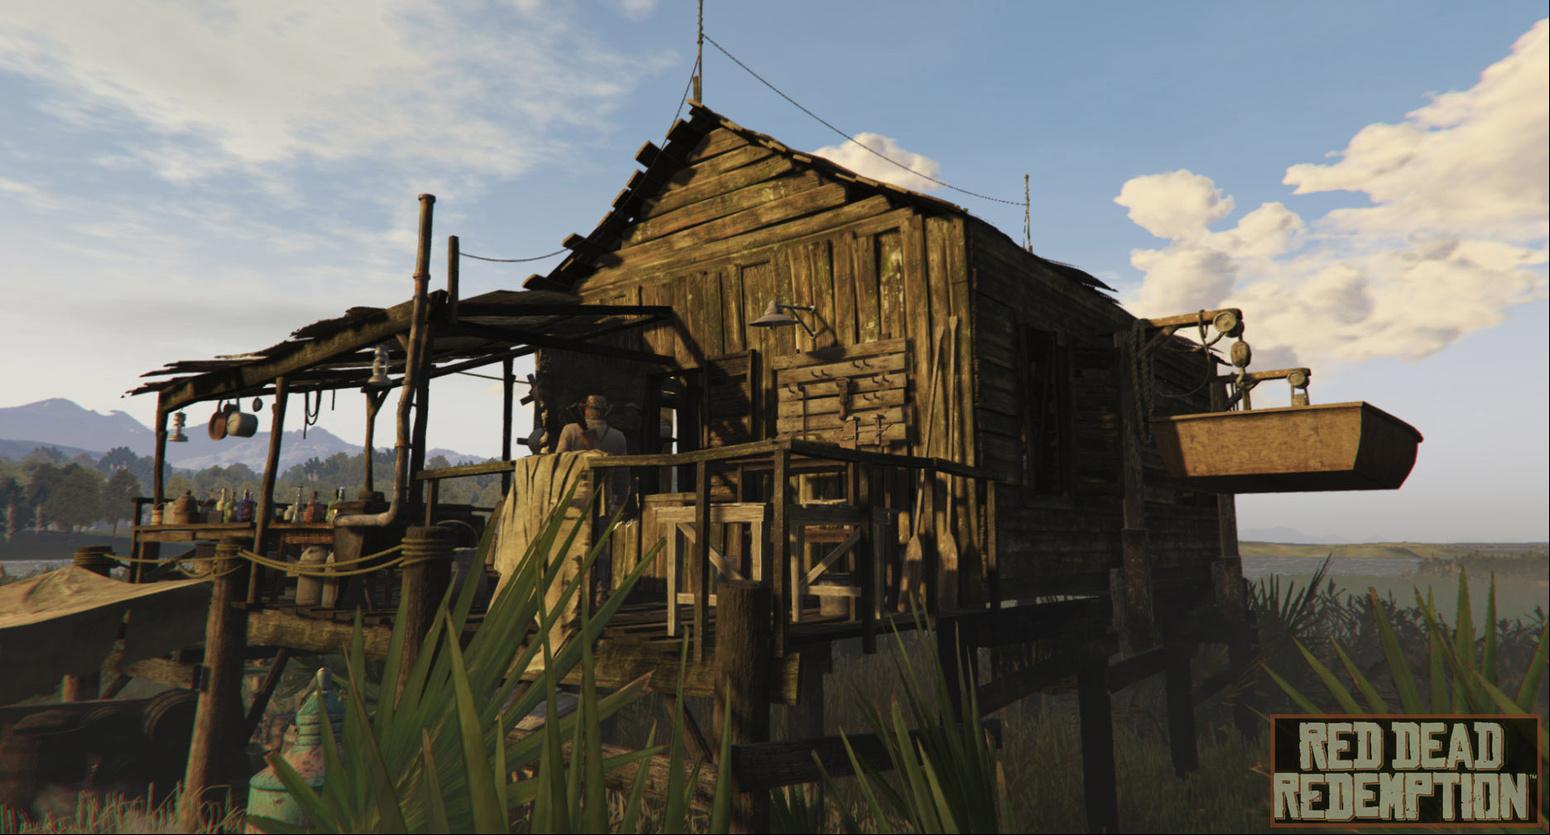 Capture d'écran publiée sur Reddit au sujet d'un éventuel nouveau Red Dead Redemption.